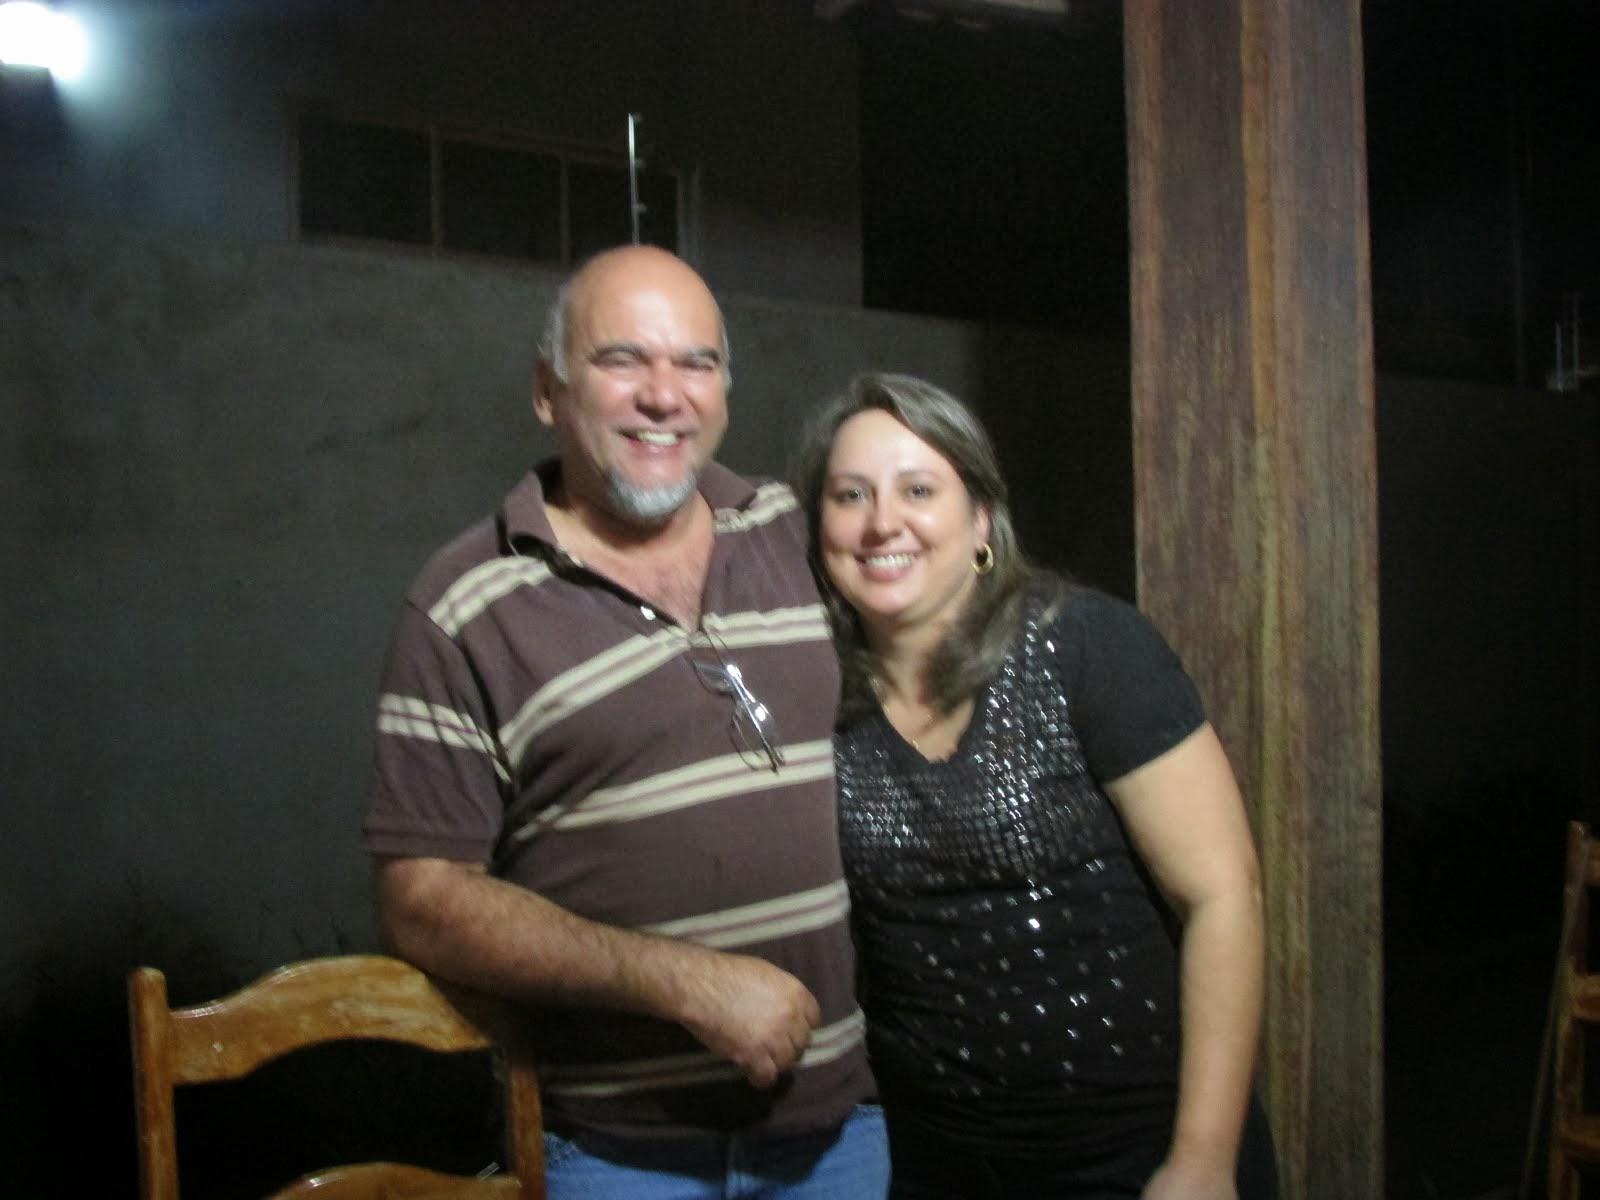 """Estamos na graça e agora """"Reunidos na Comunidade Boas Novas"""" em Barreiras, Bahia."""